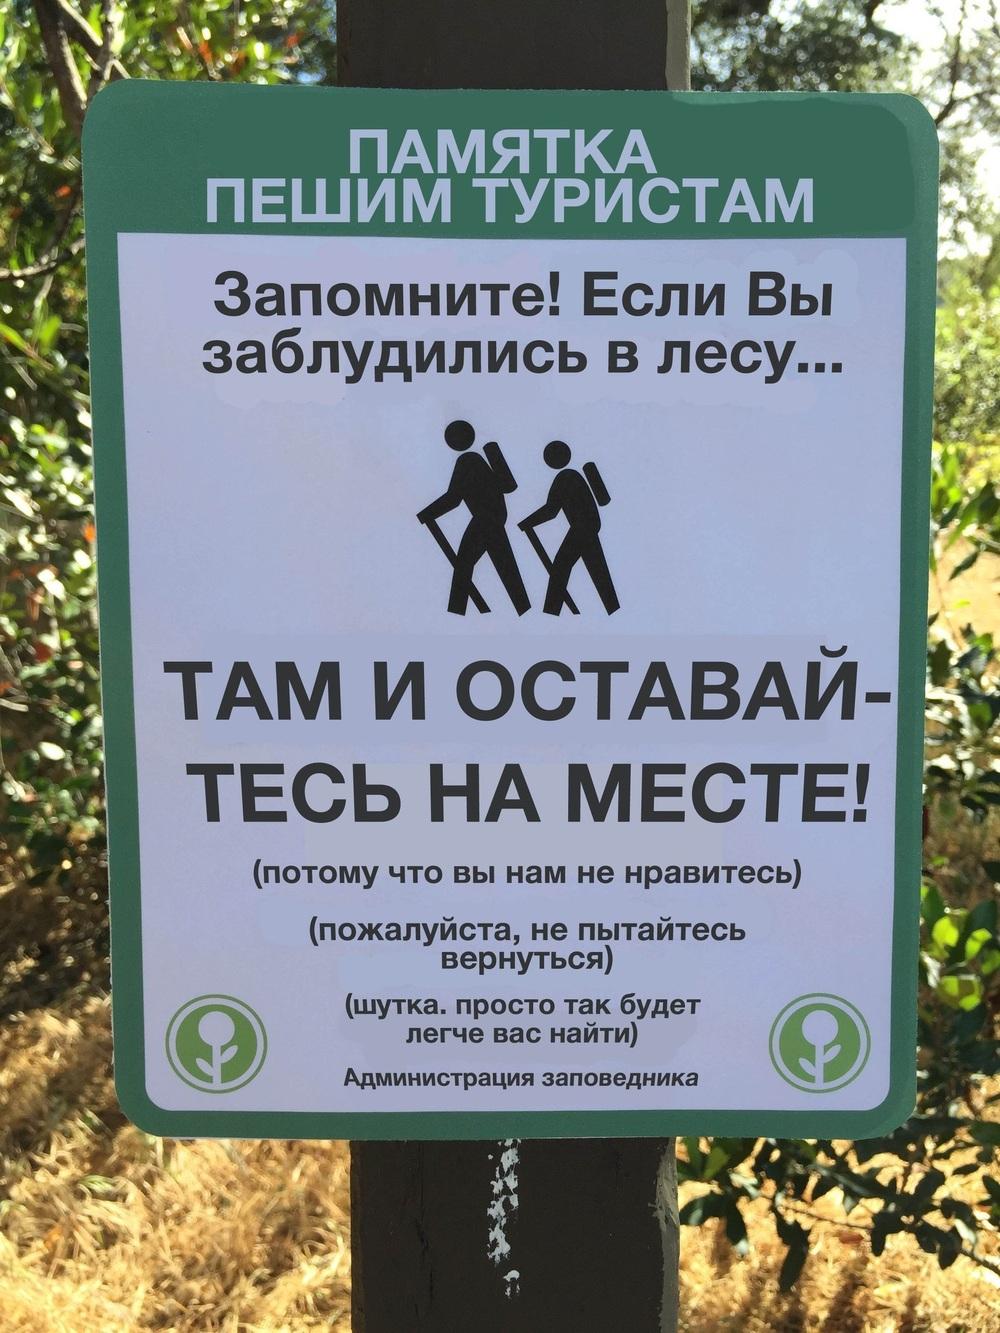 Если вы заблудились в лесу